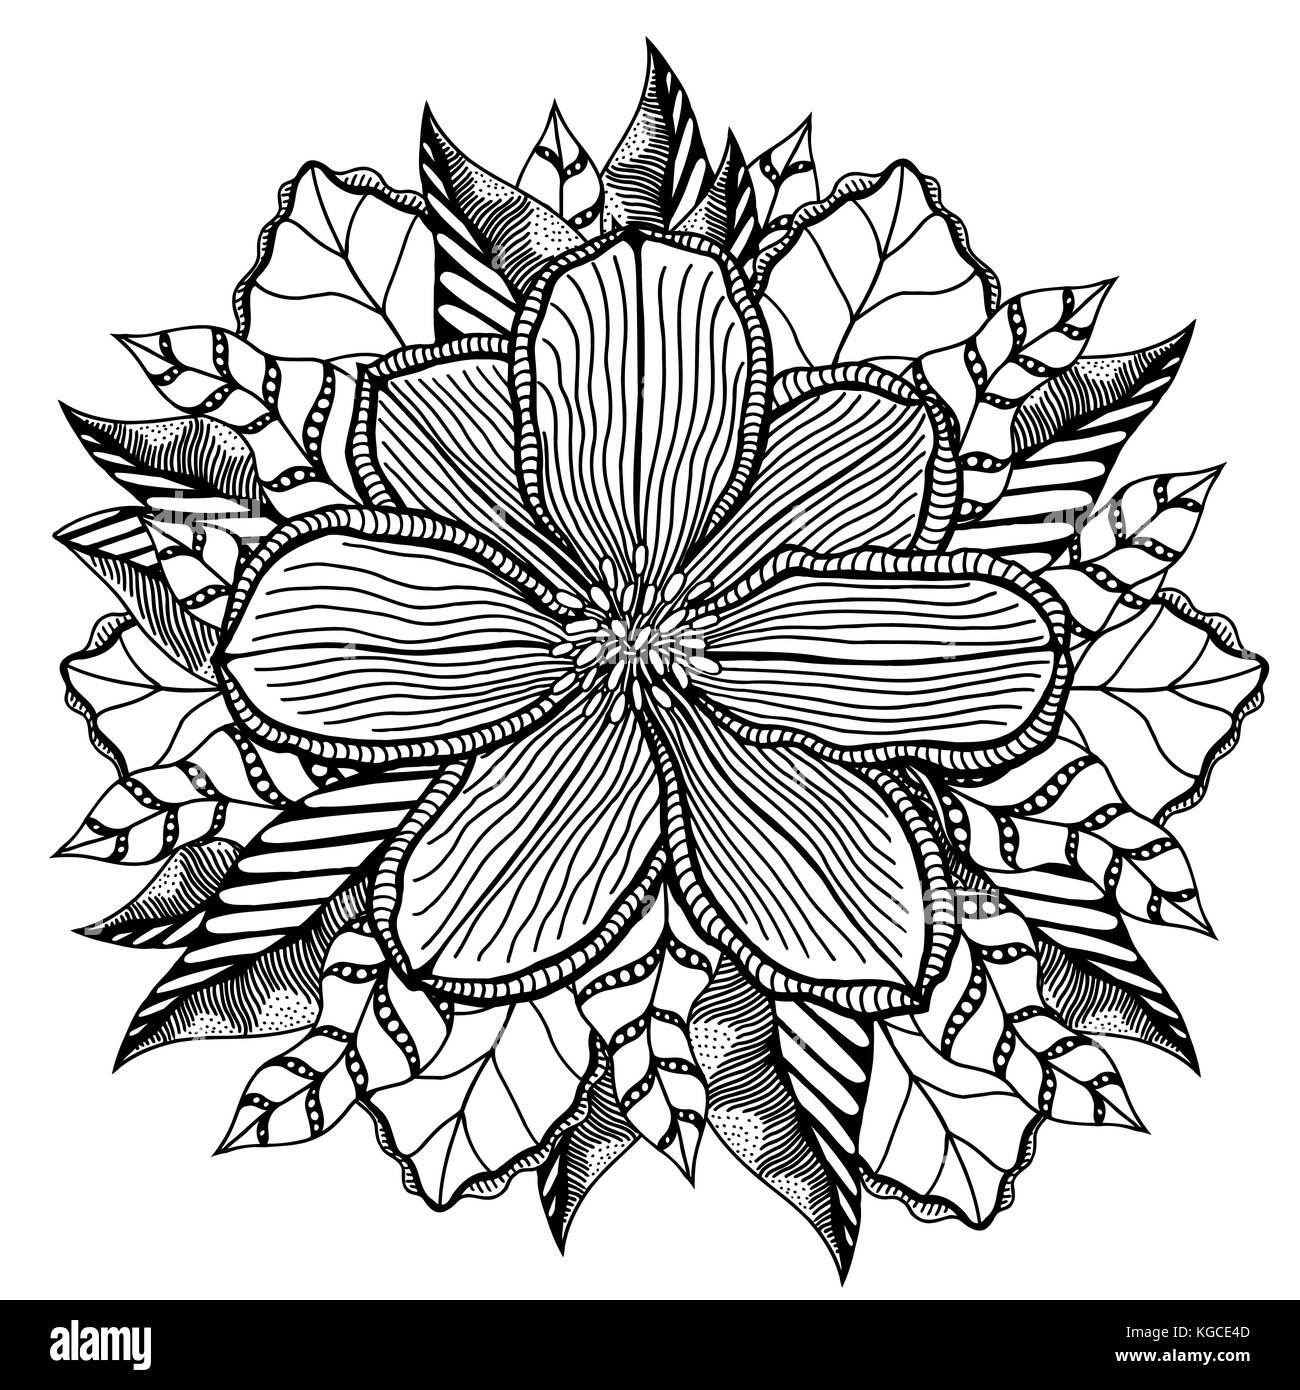 Flor sobre un fondo blanco en una líneas negras. doodle imagen ...